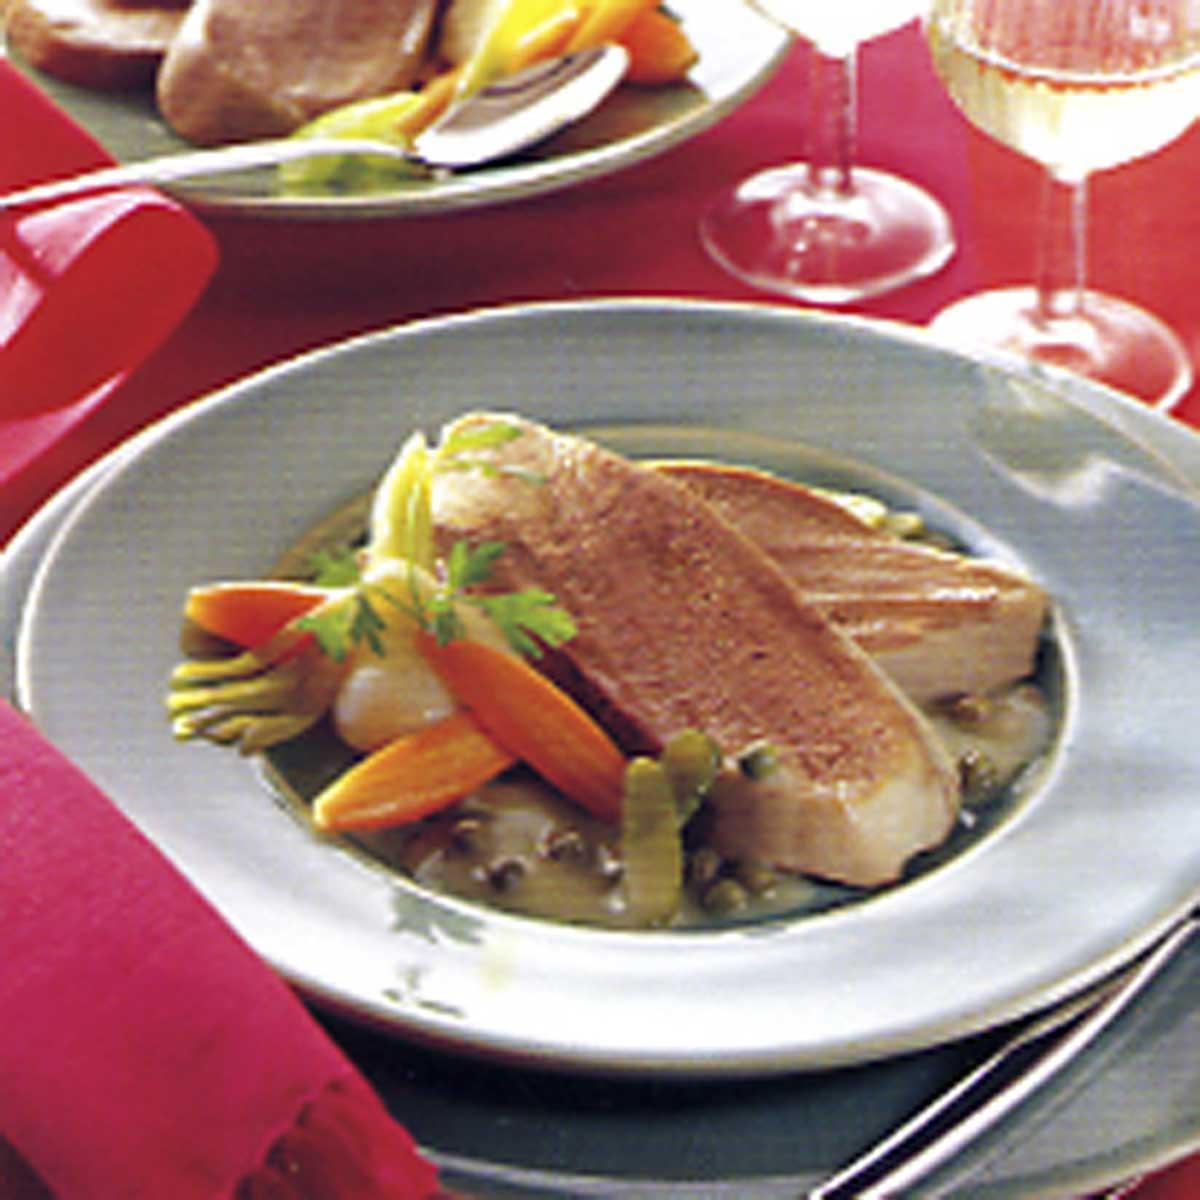 Recette langue de b uf brais e la bourgeoise cuisine for Cuisine bourgeoise